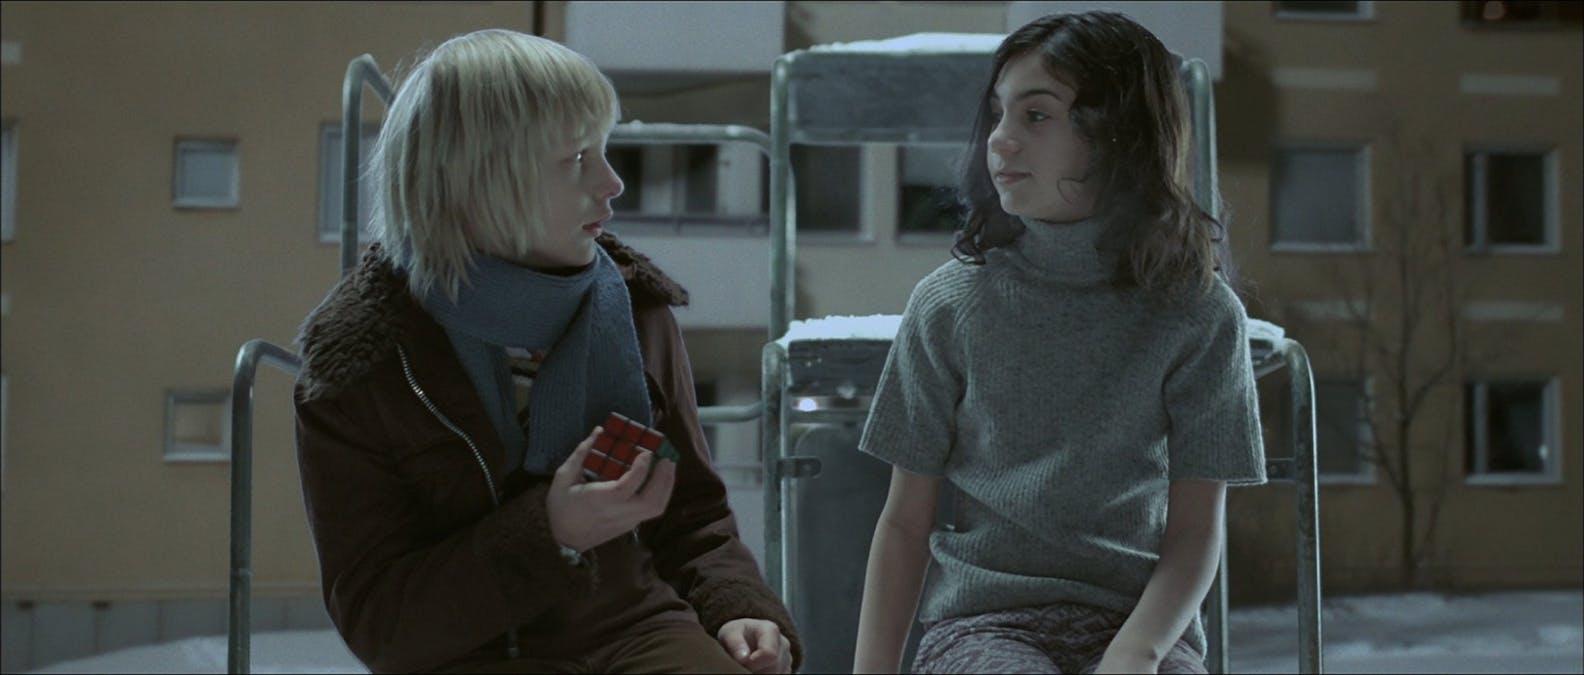 Streama Låt den rätte komma in (2008)